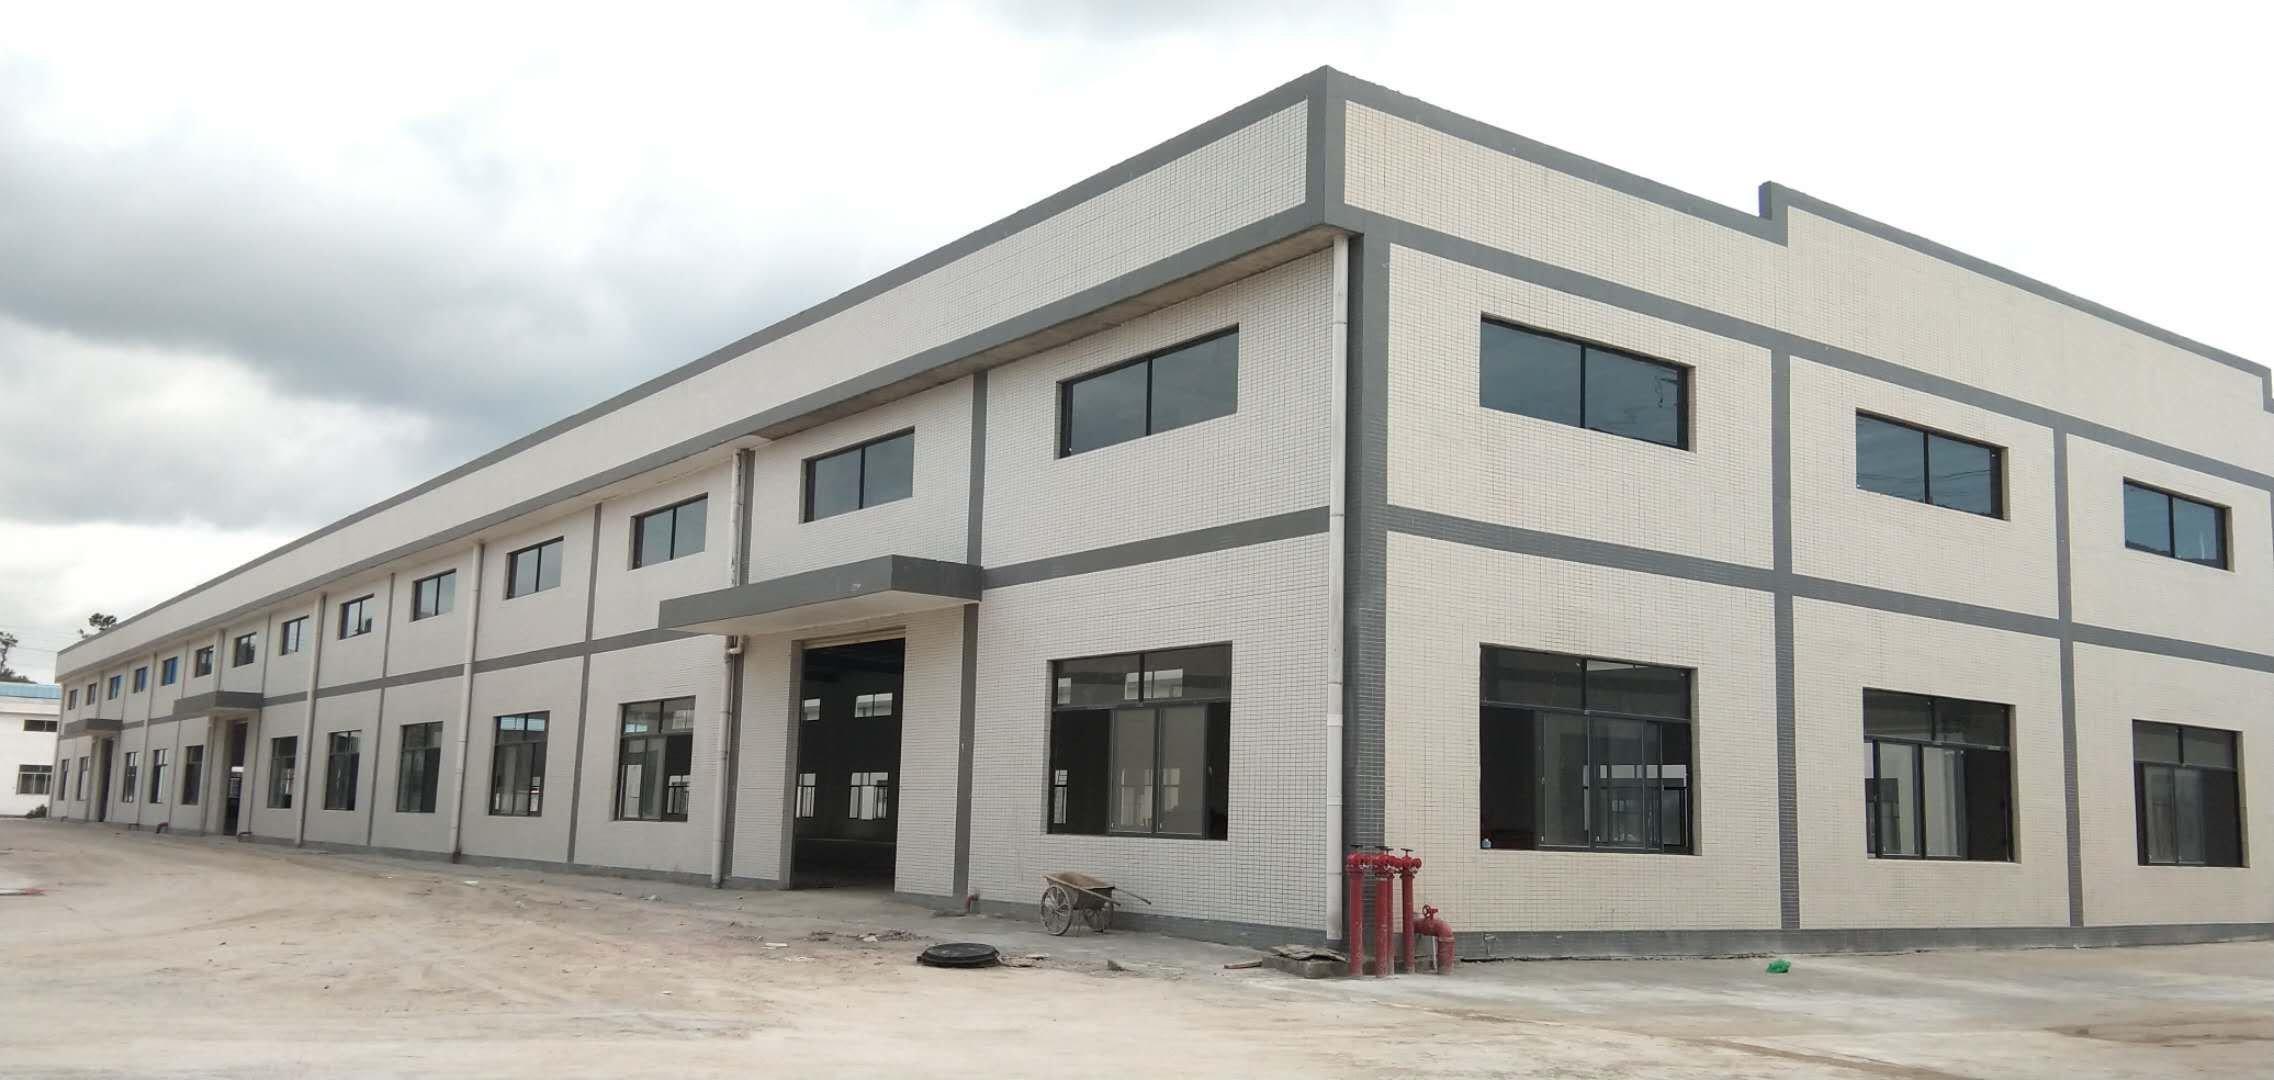 惠阳区永湖红本全新单一层厂房16000平方滴水高度8米可分租